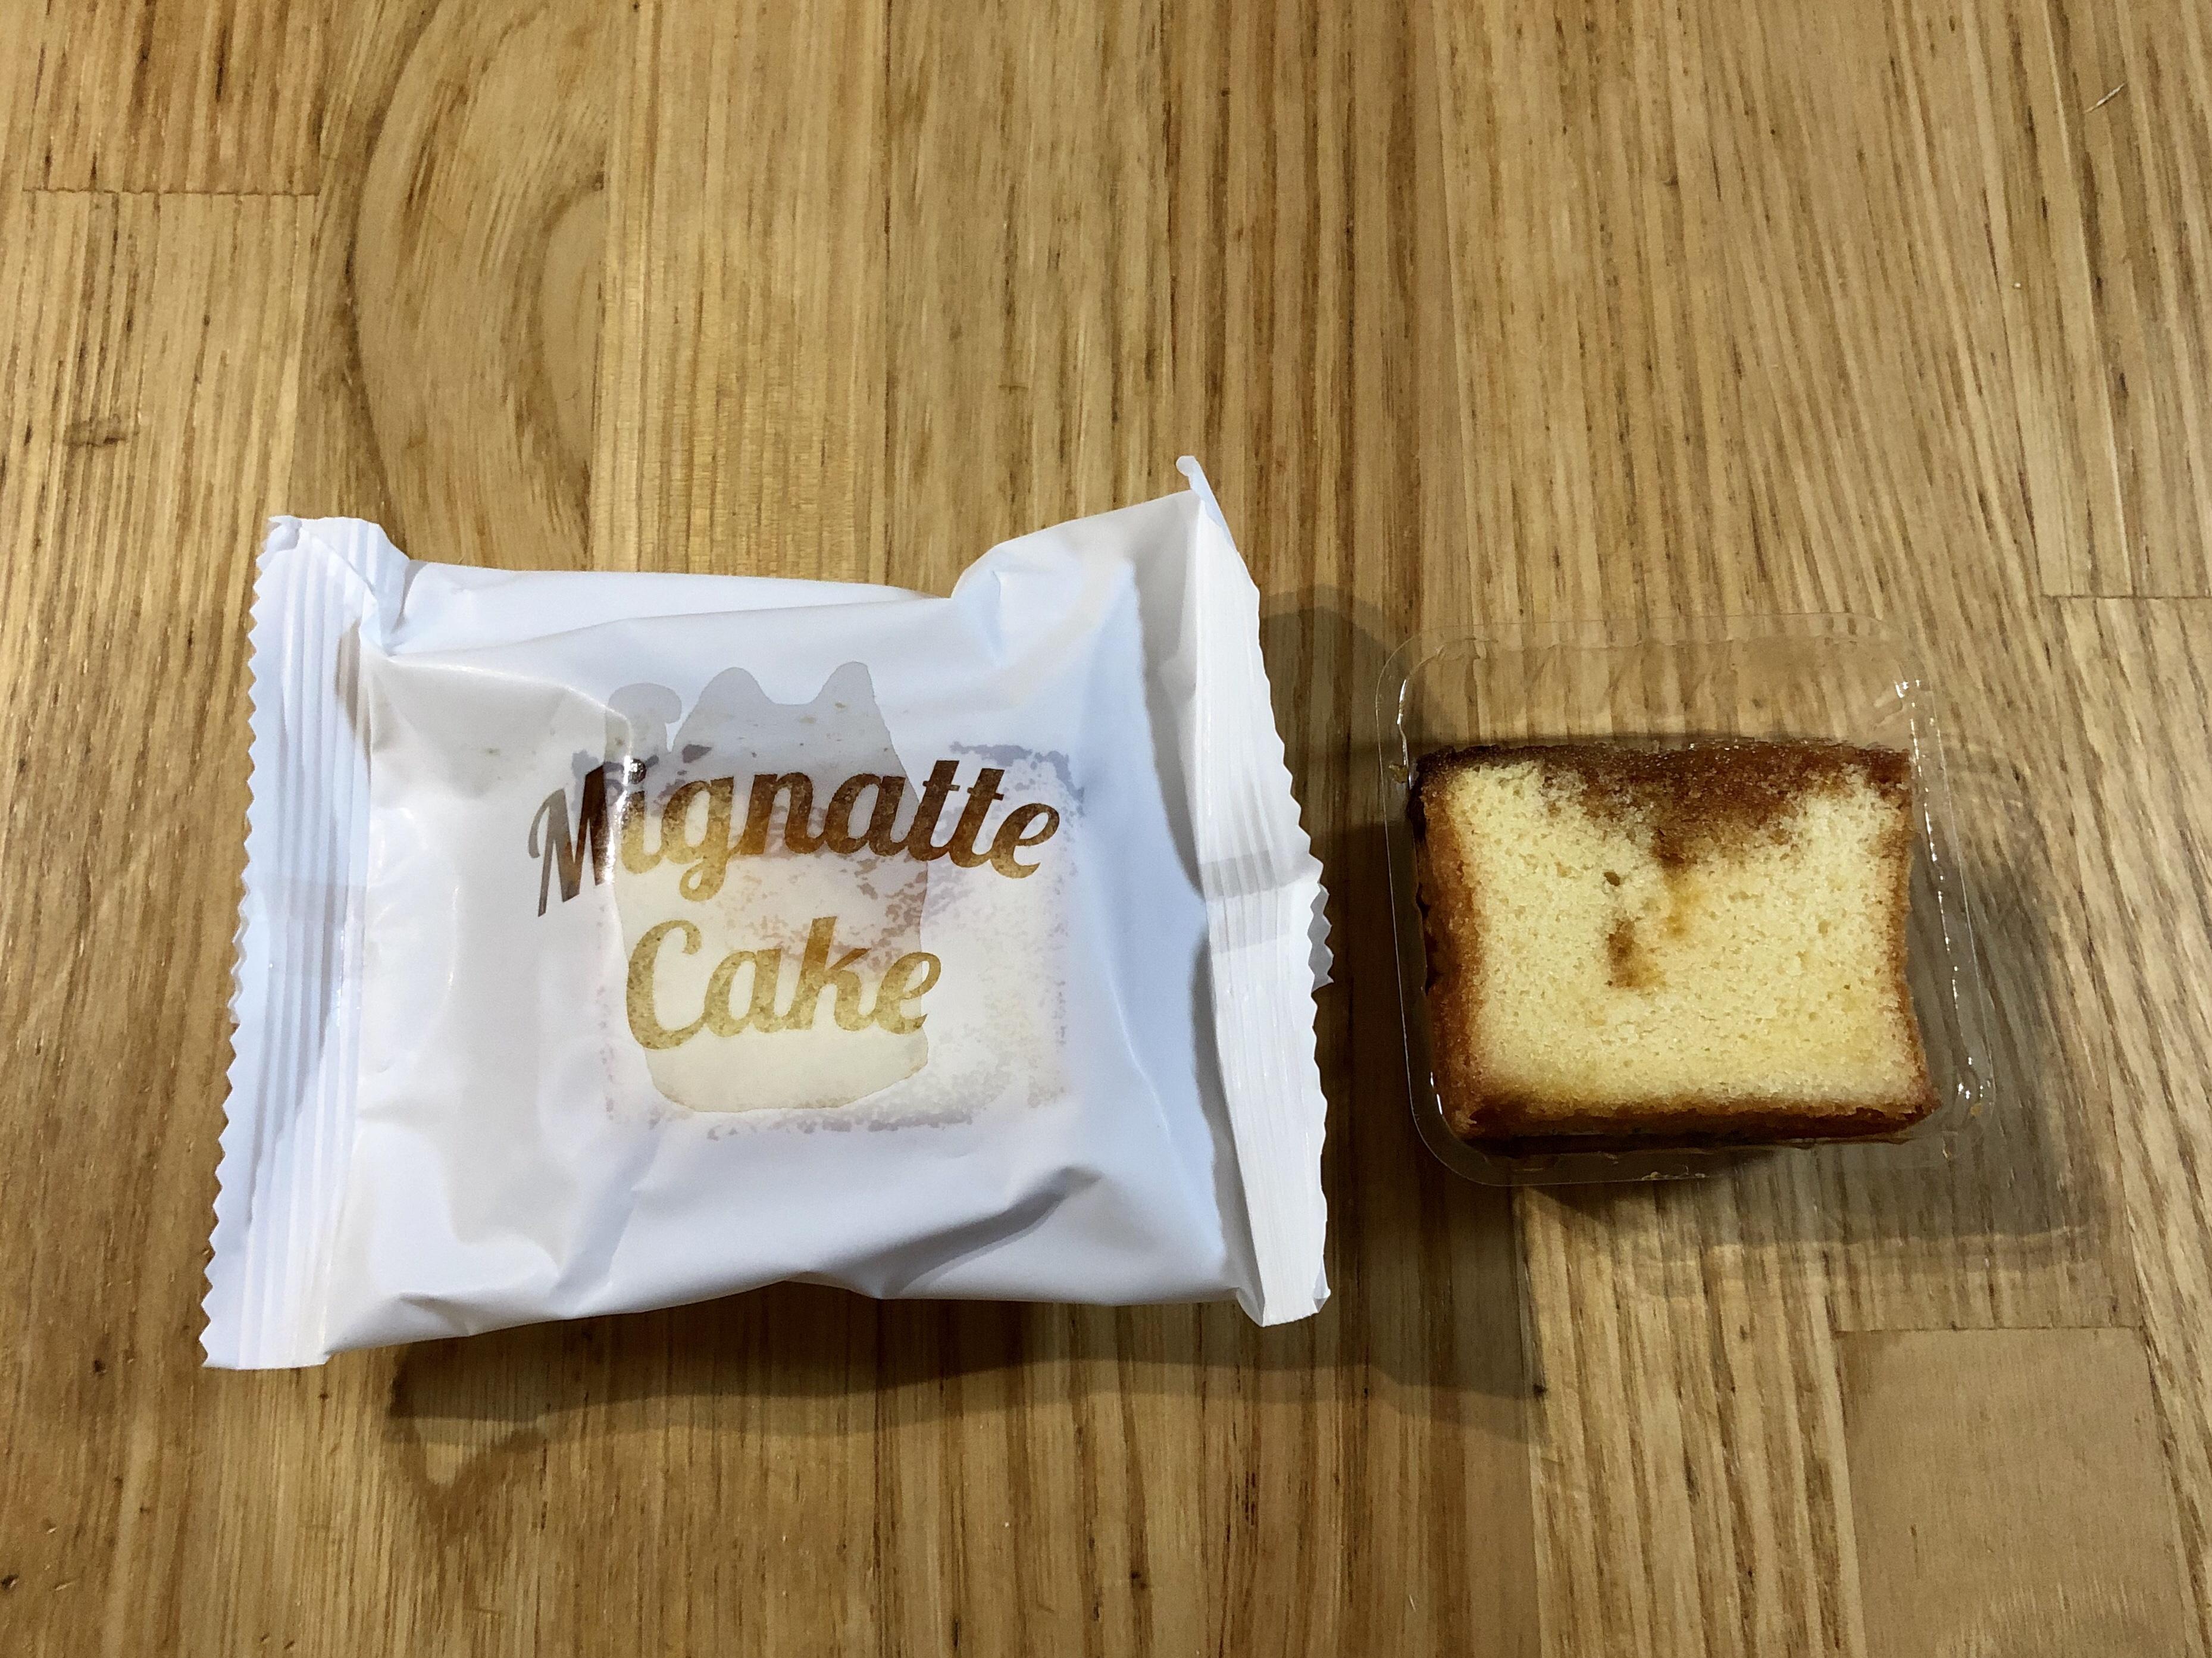 ブリュレがおいしいみにゃっとケーキ